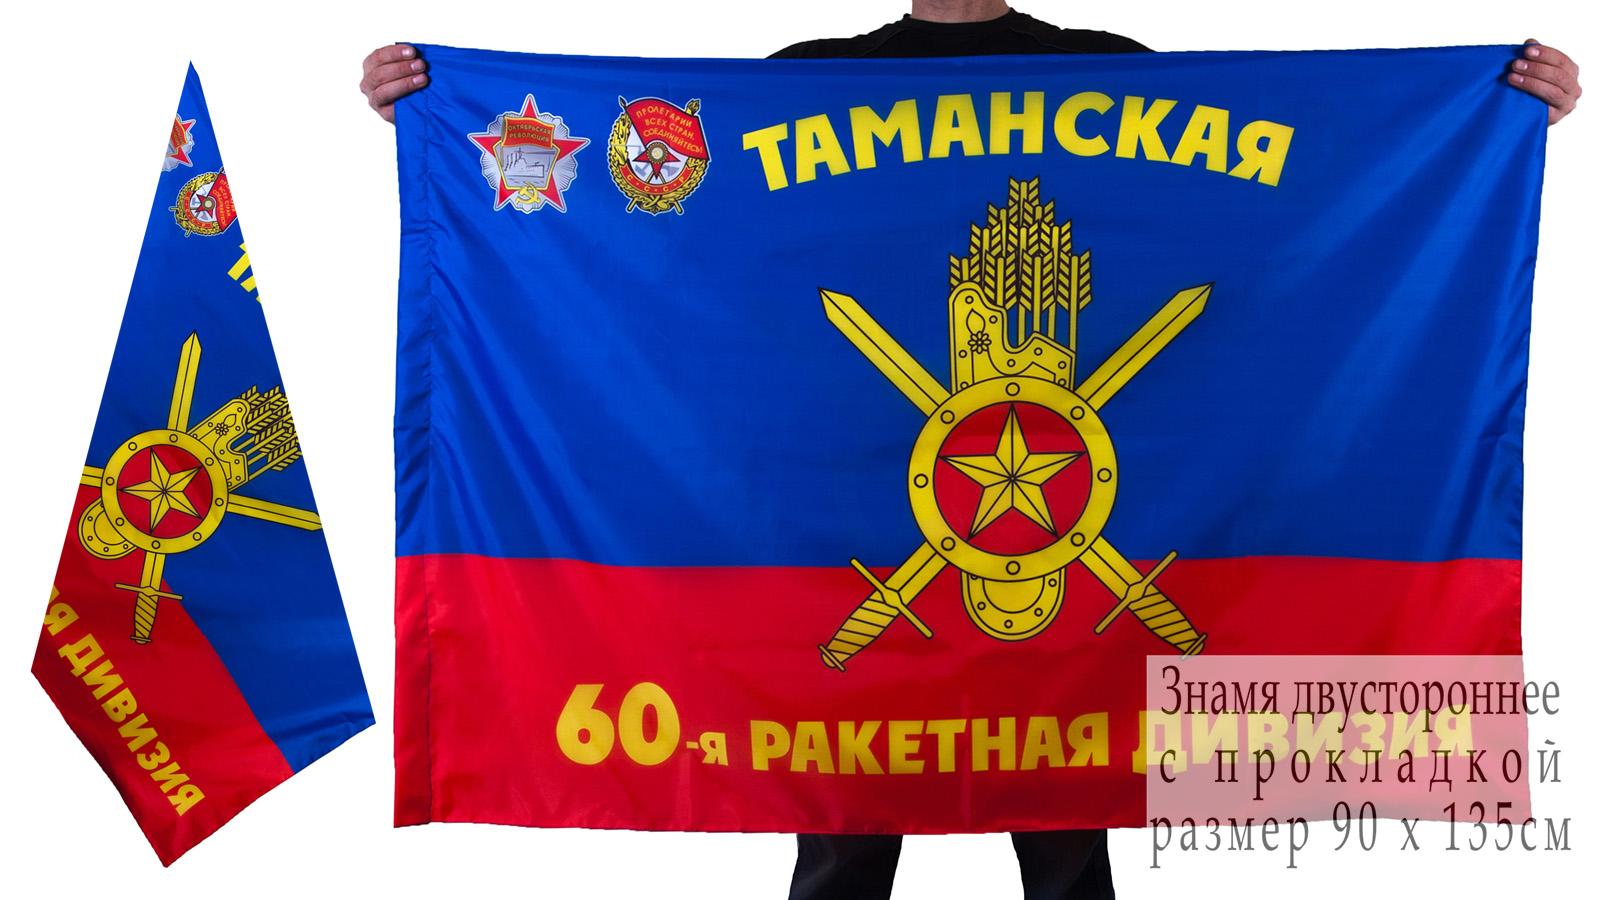 Знамя 60-ой Таманской ракетной дивизии РВСН